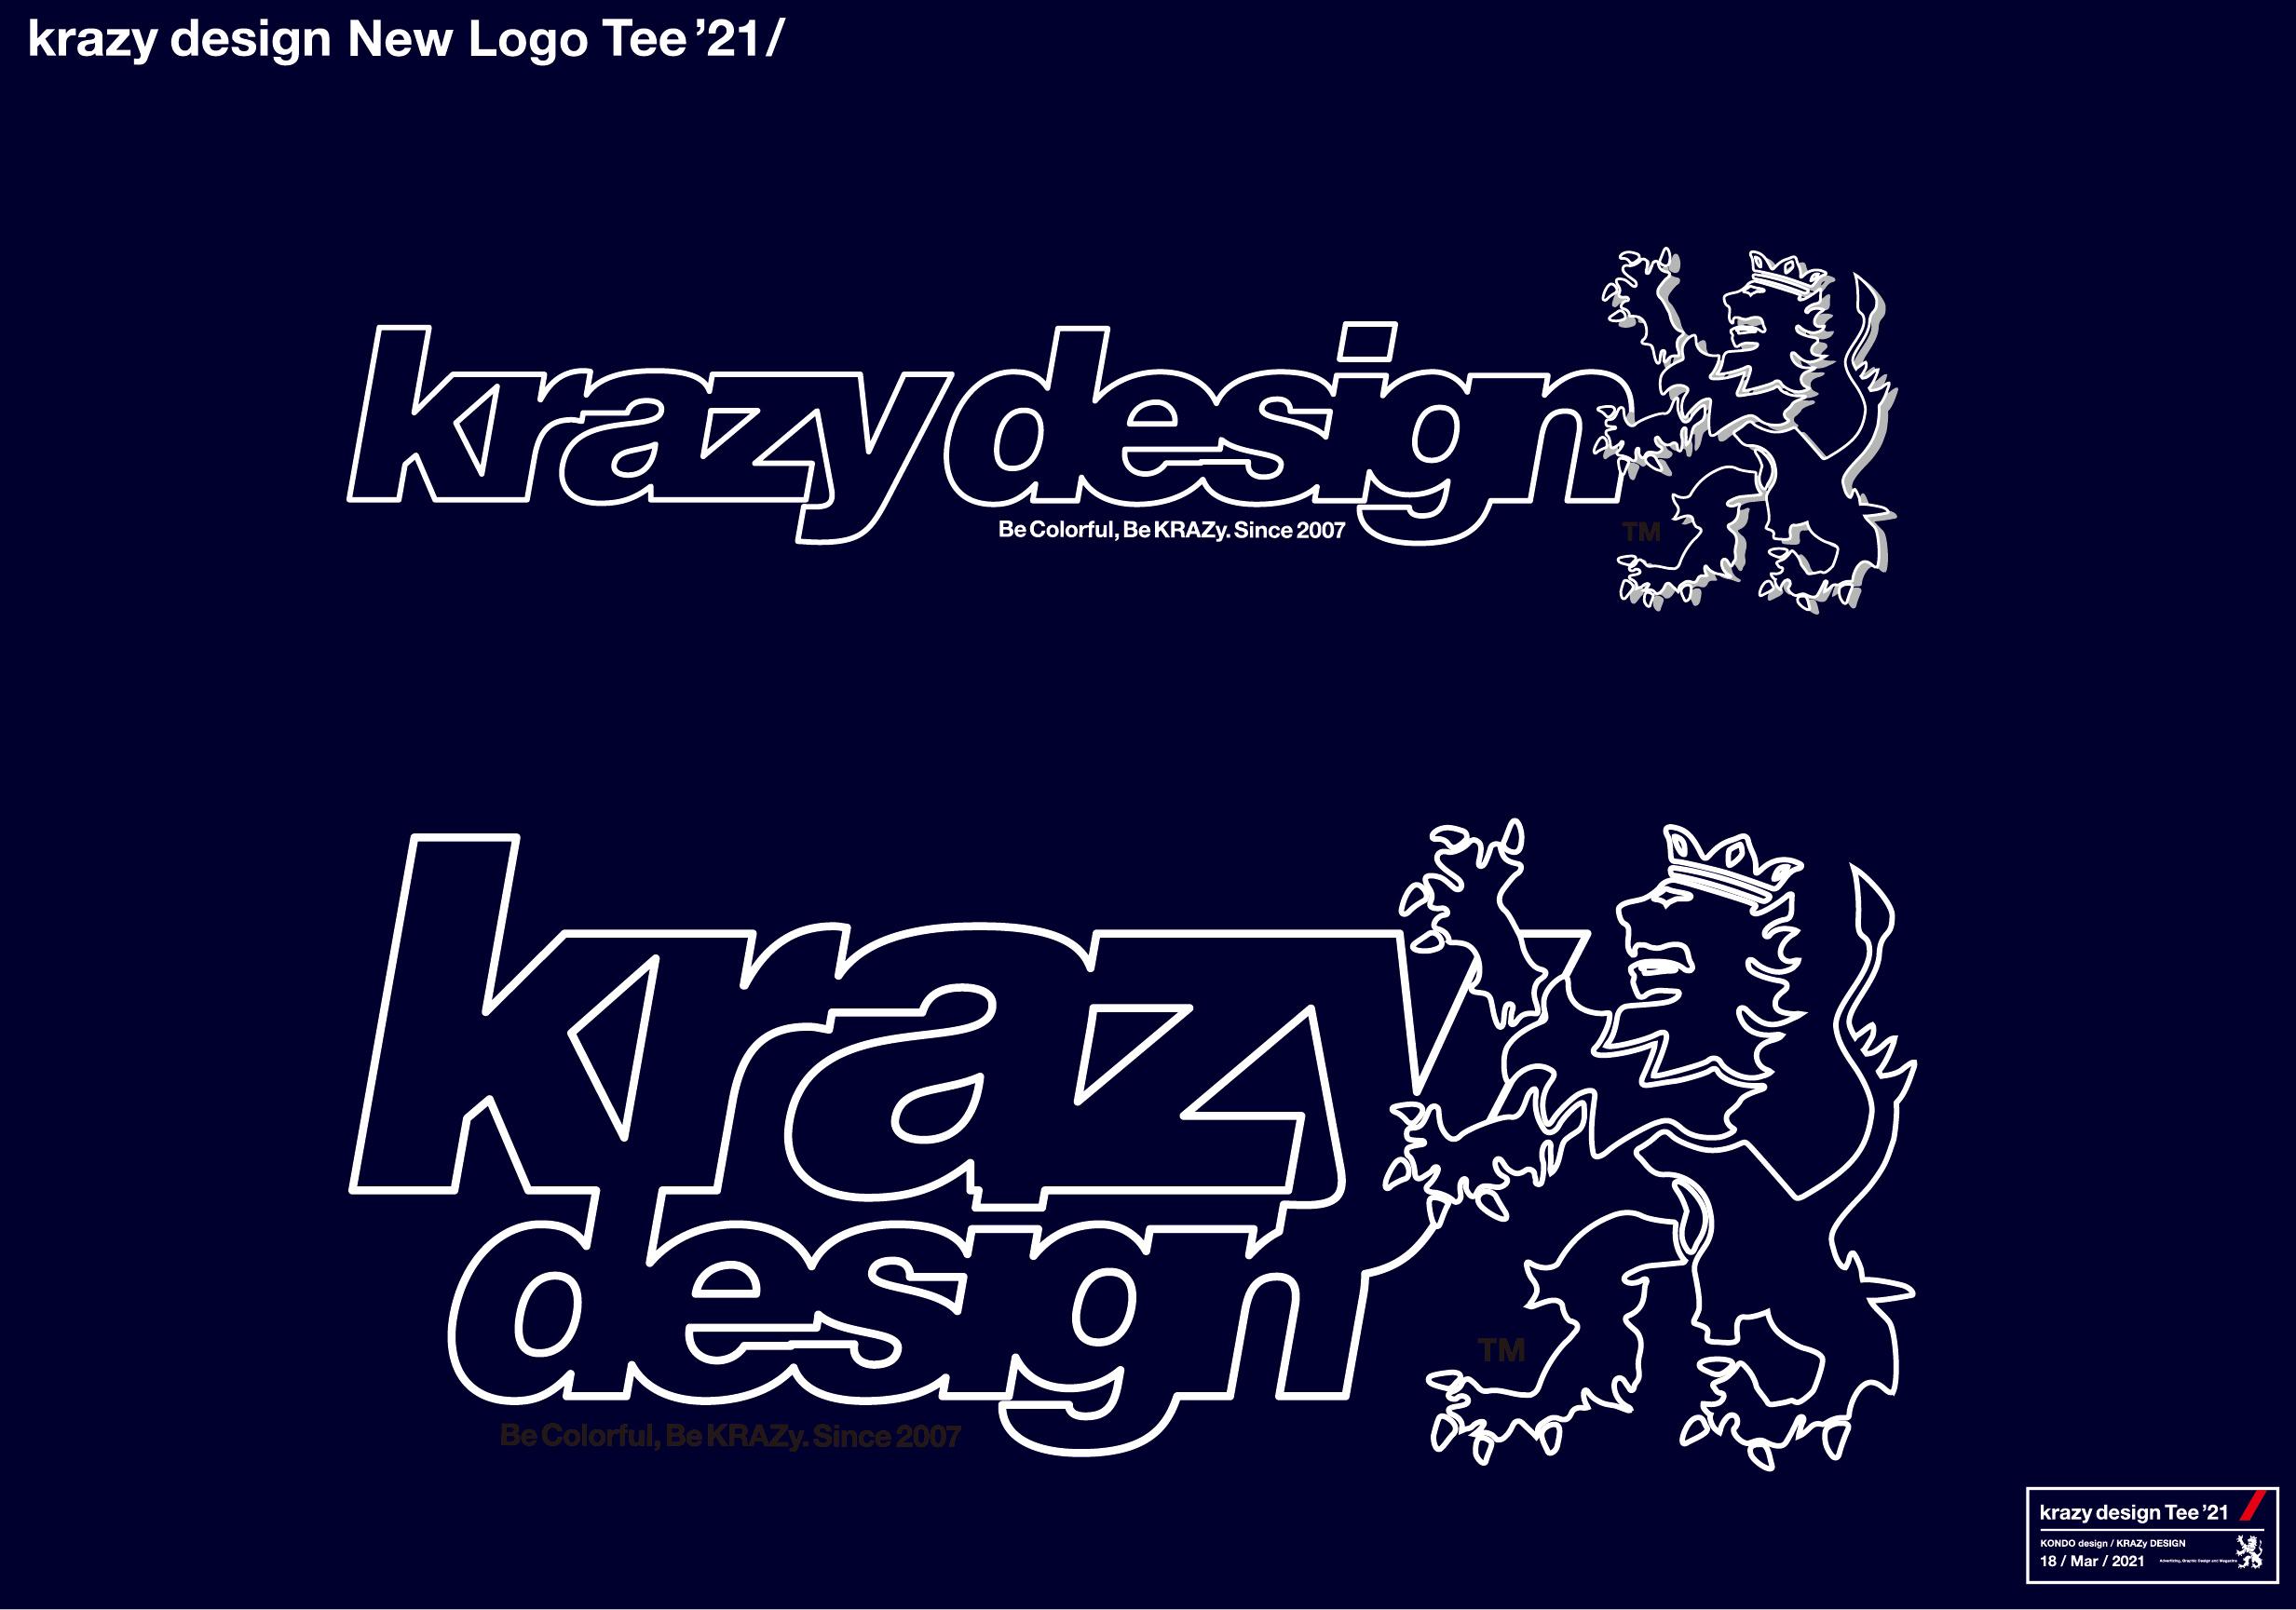 krazy design Tee 2021 miekata